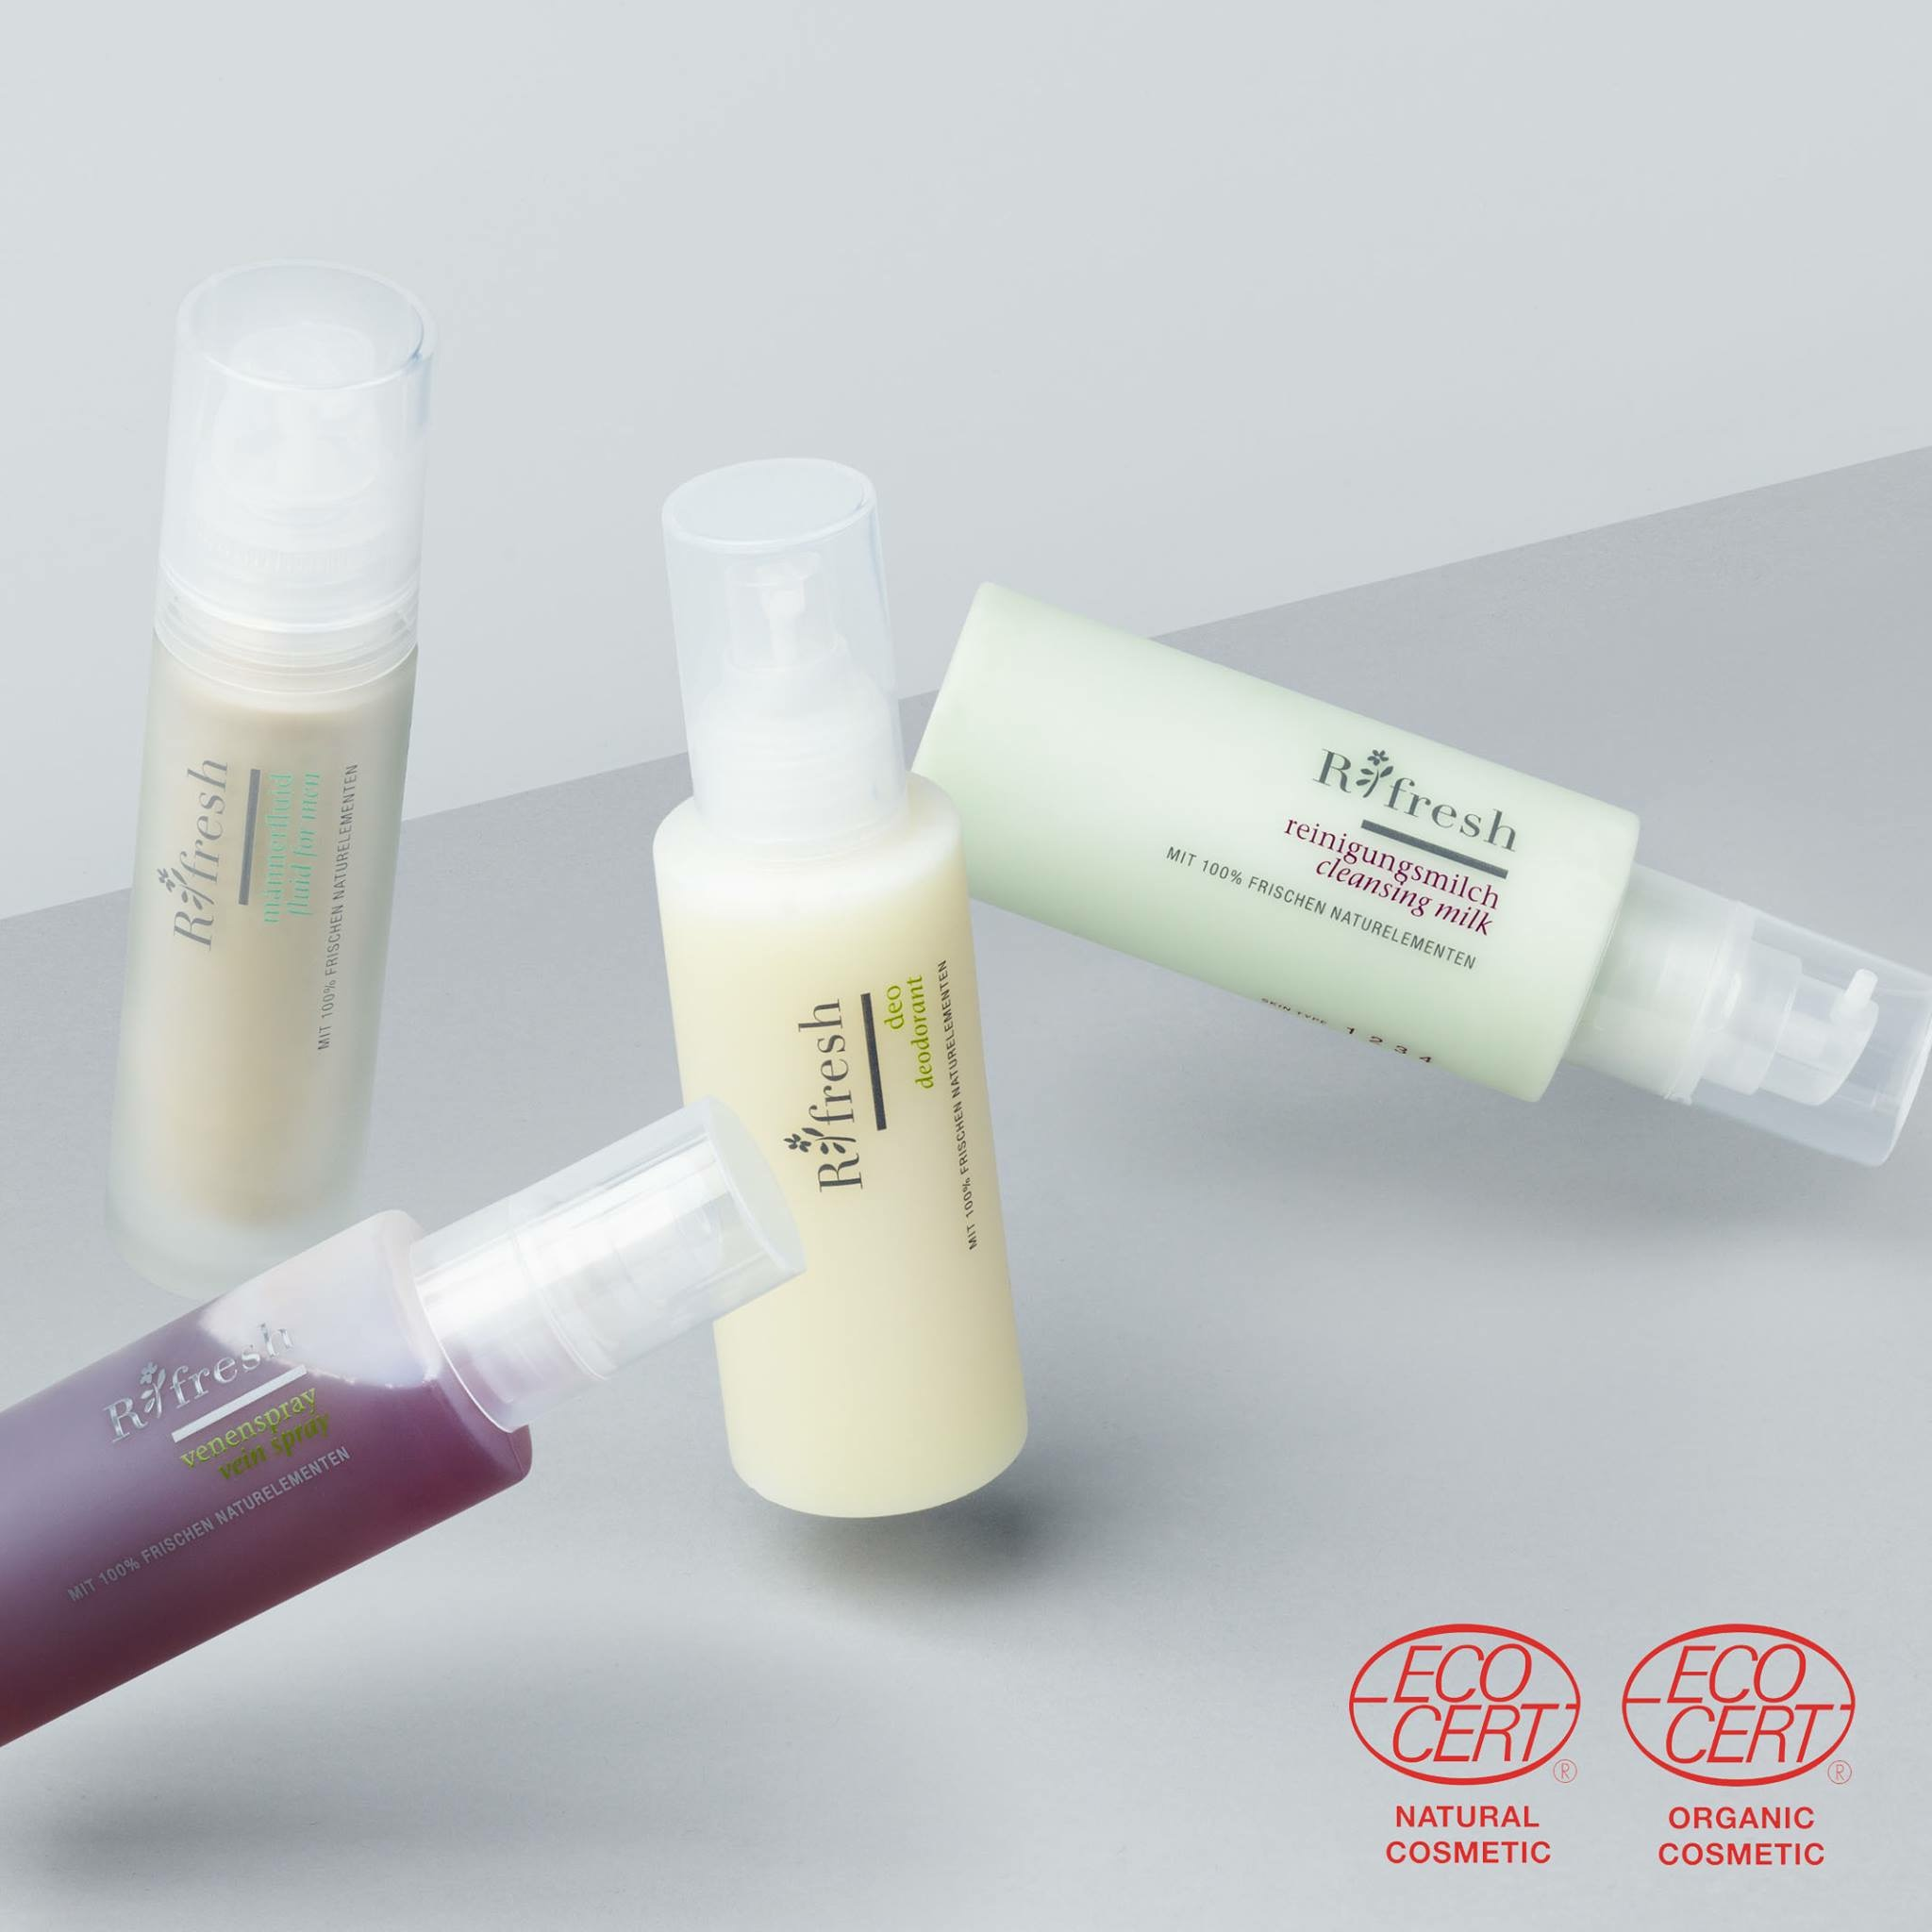 cosmetique fraiche